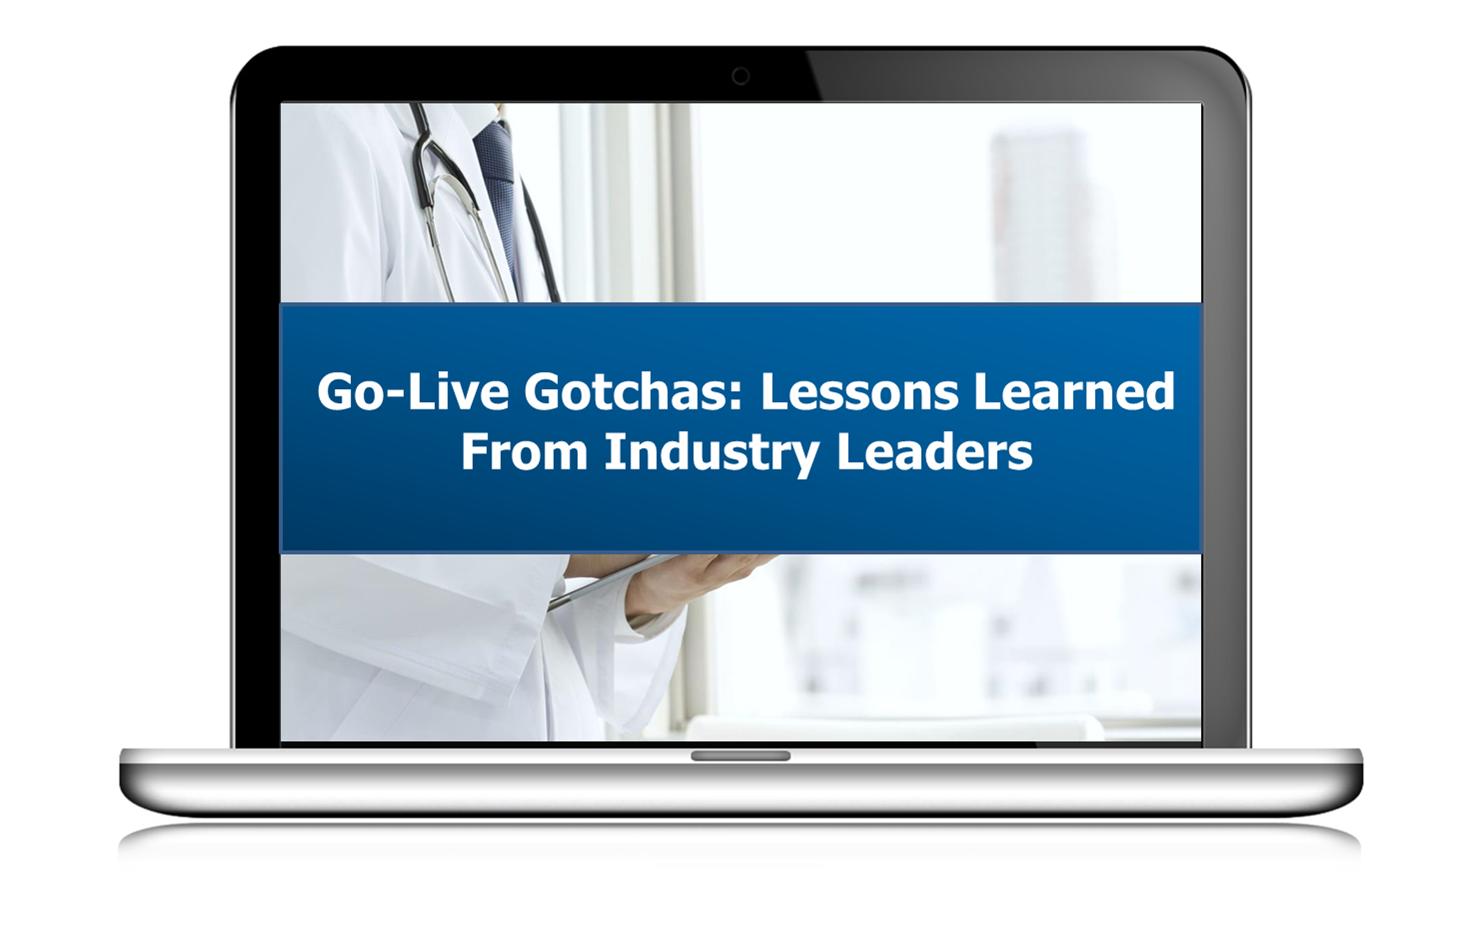 Go-Live Gotchas - View the Webinar